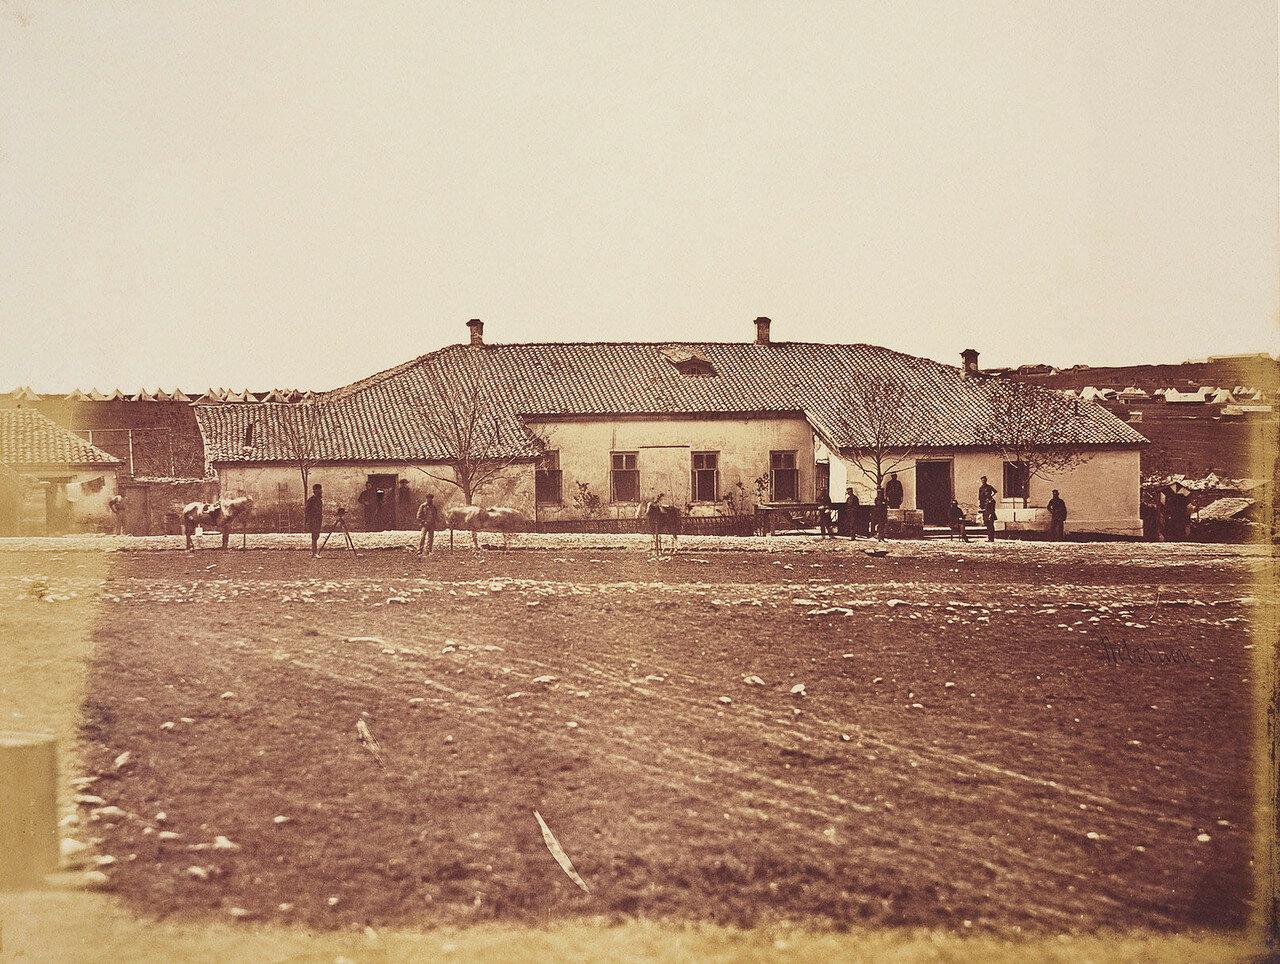 Штаб-квартира командующего английским экспедиционным корпусом в Крыму лорда Раглана на хуторе Карагач